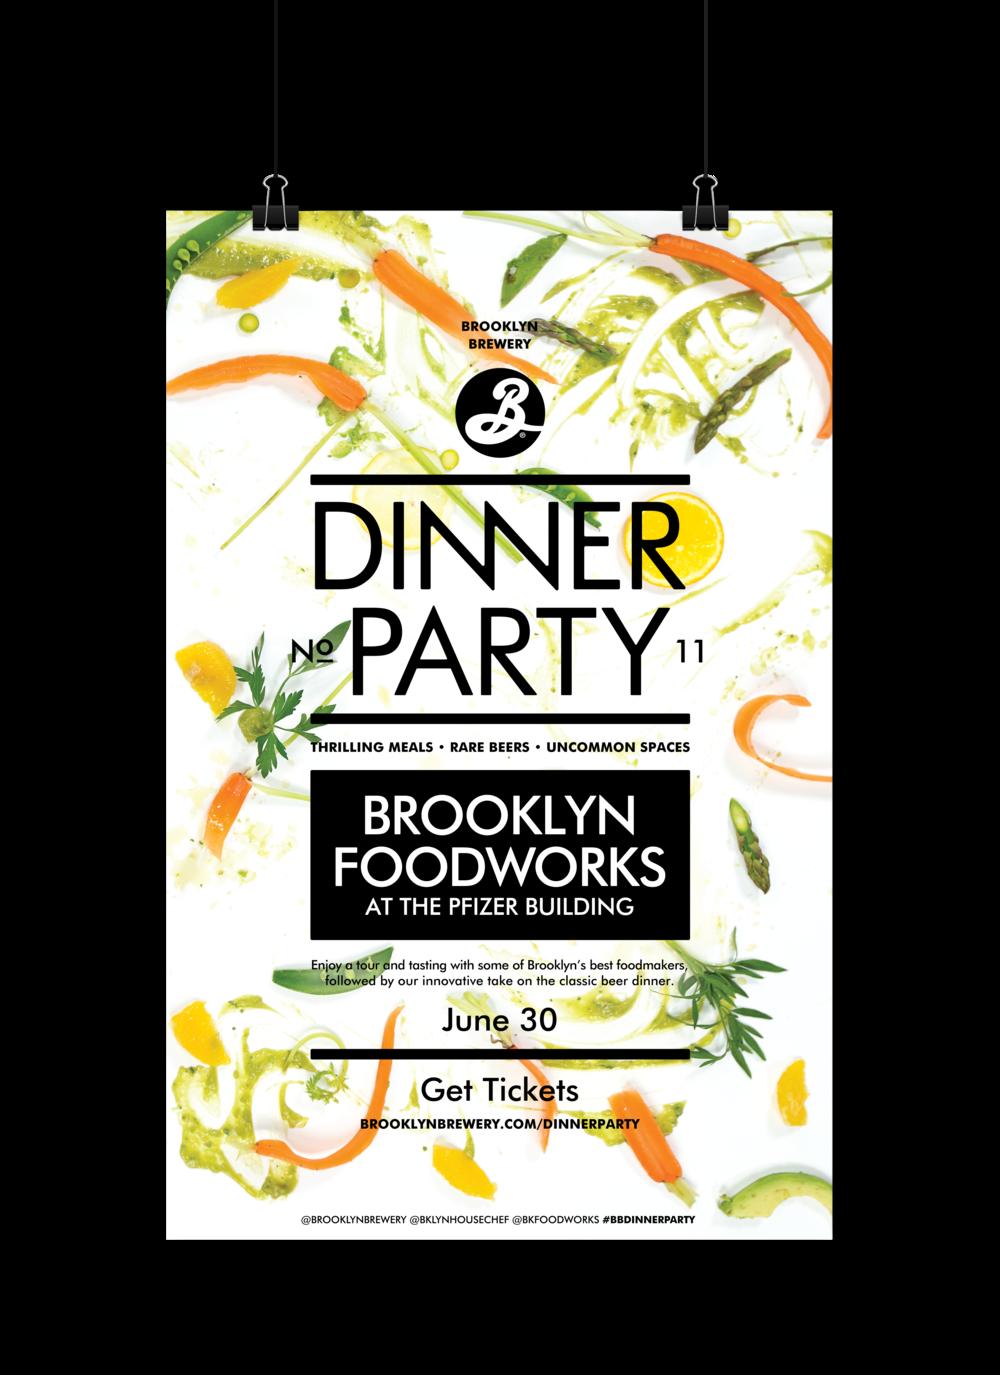 DP-11-Foodworks-Poster-Mockup.png